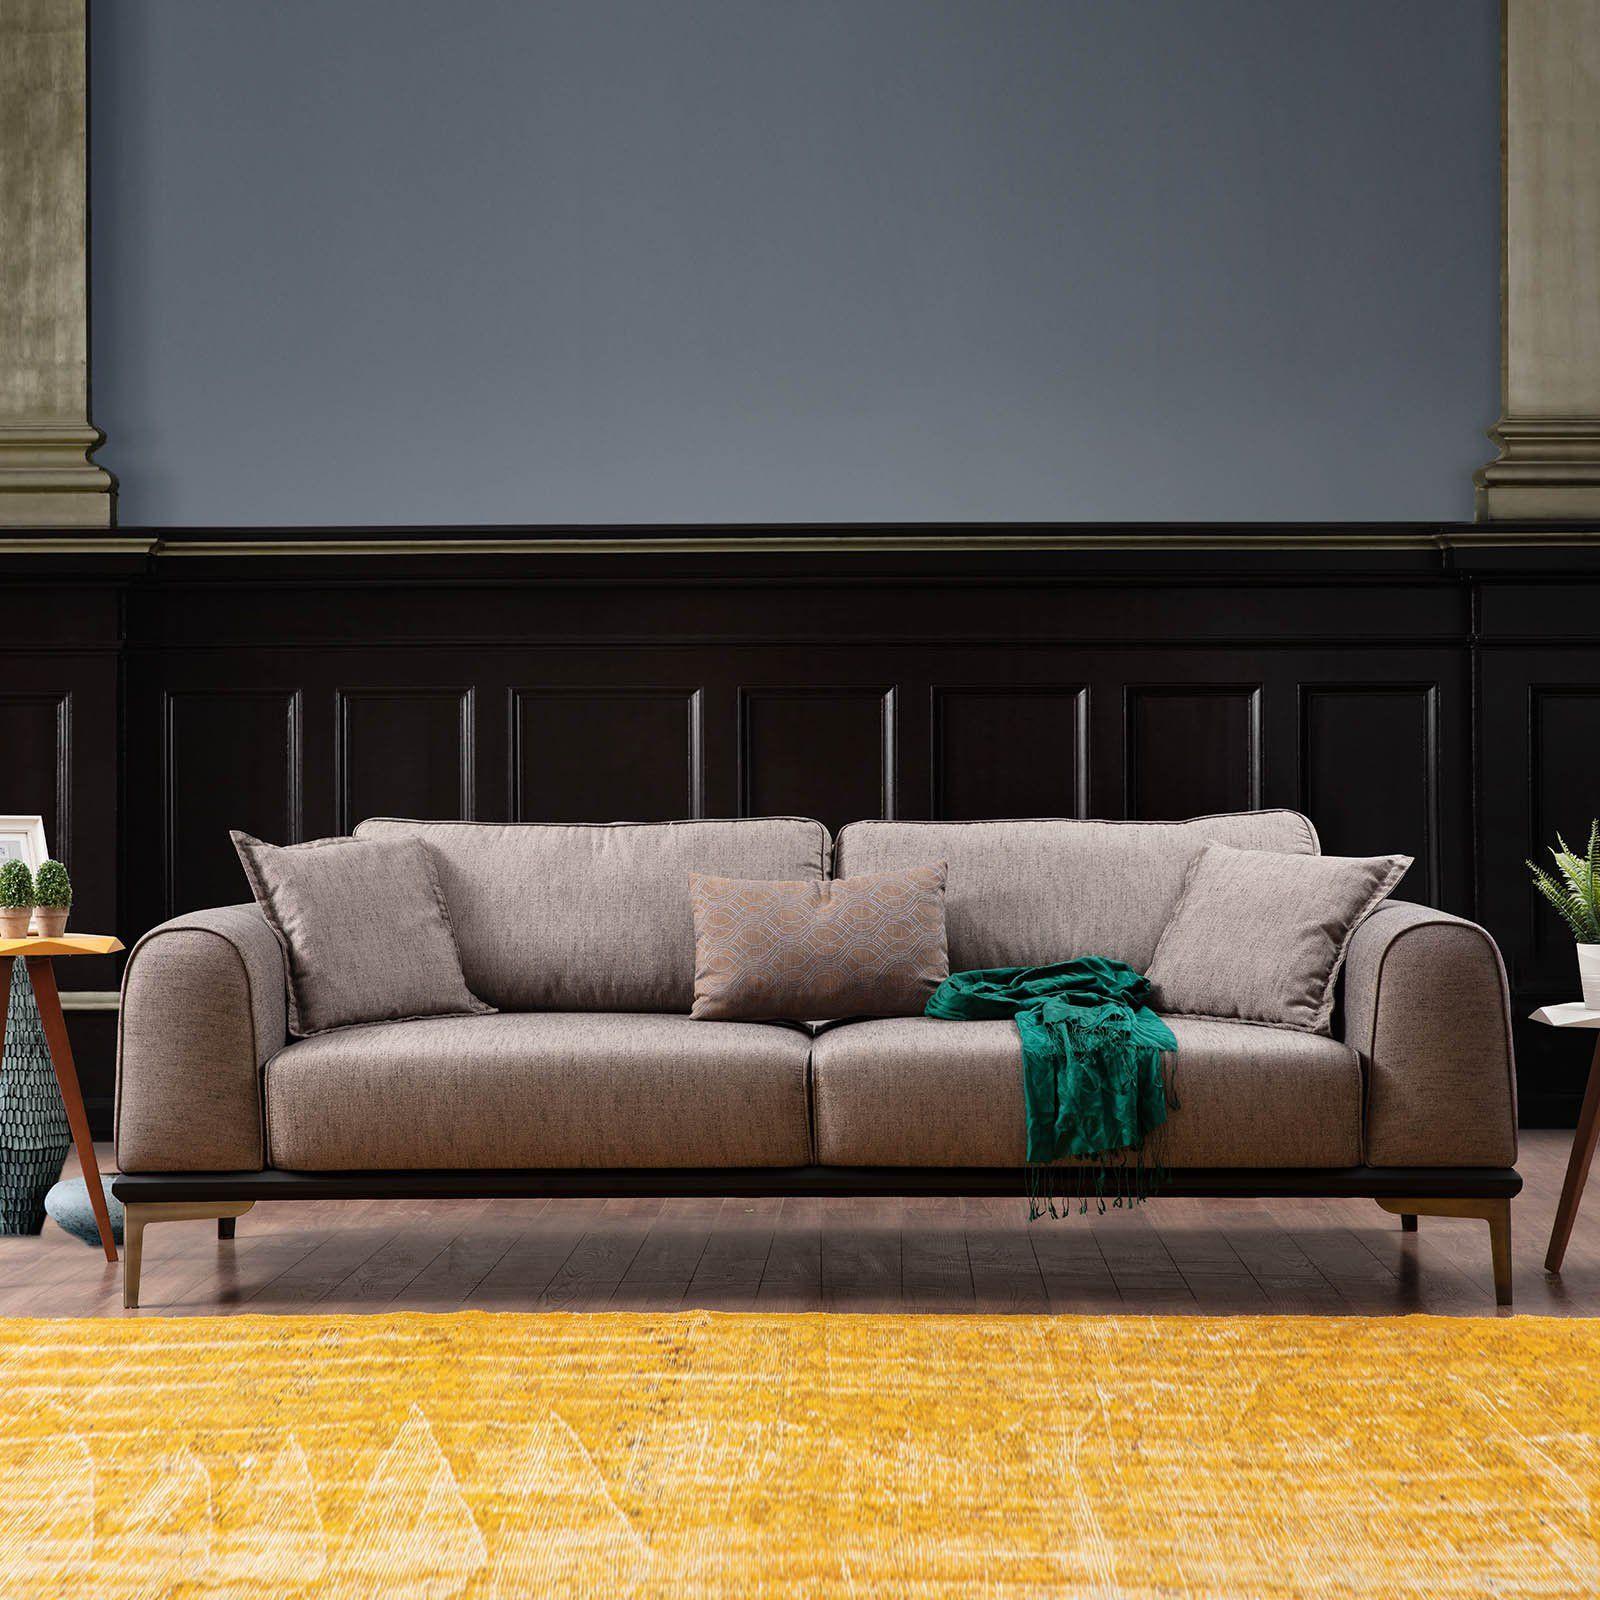 Pre Order60 Days Delivery Nirvana 3 Seater Sofa Bed Nirv004 Lightbrown Oturma Odasi Dekorasyonu Mobilya Koltuklar